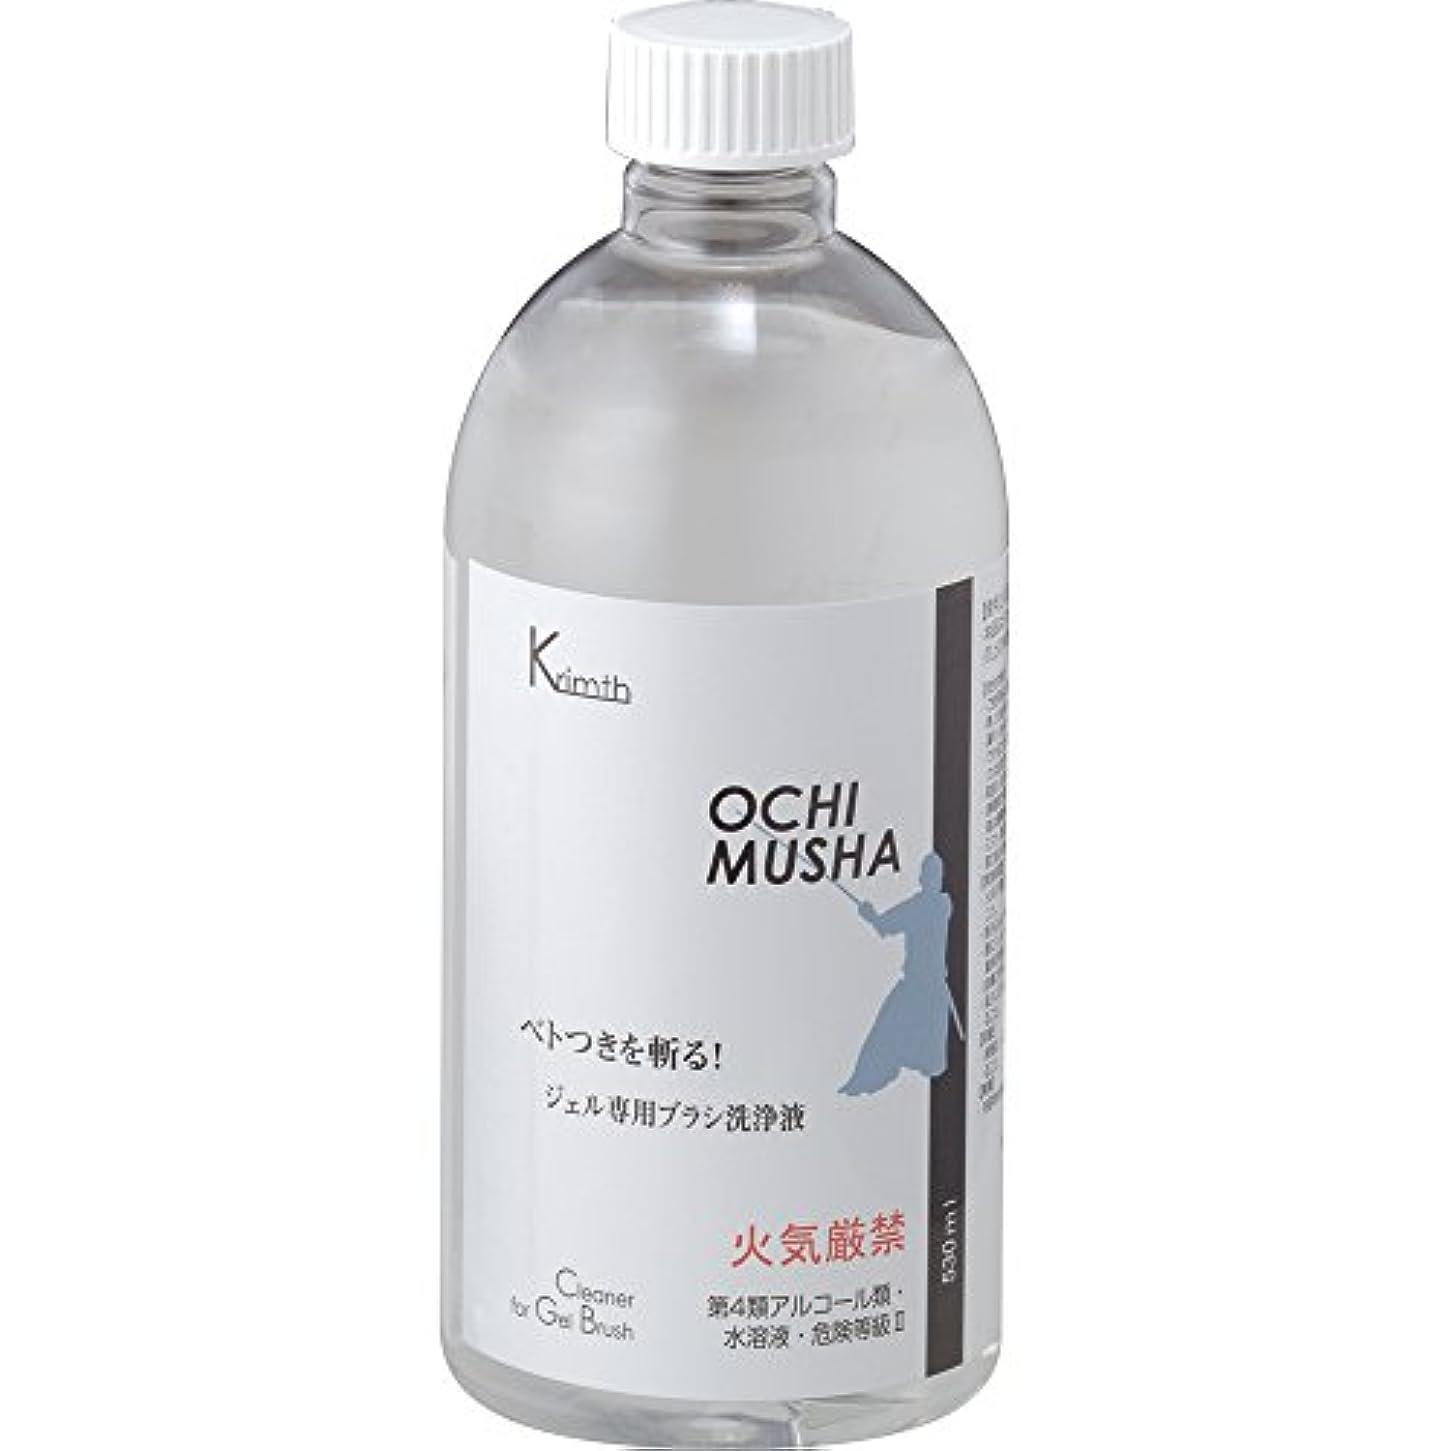 乱用絶壁チャレンジKrimth Ochimusha 530ml